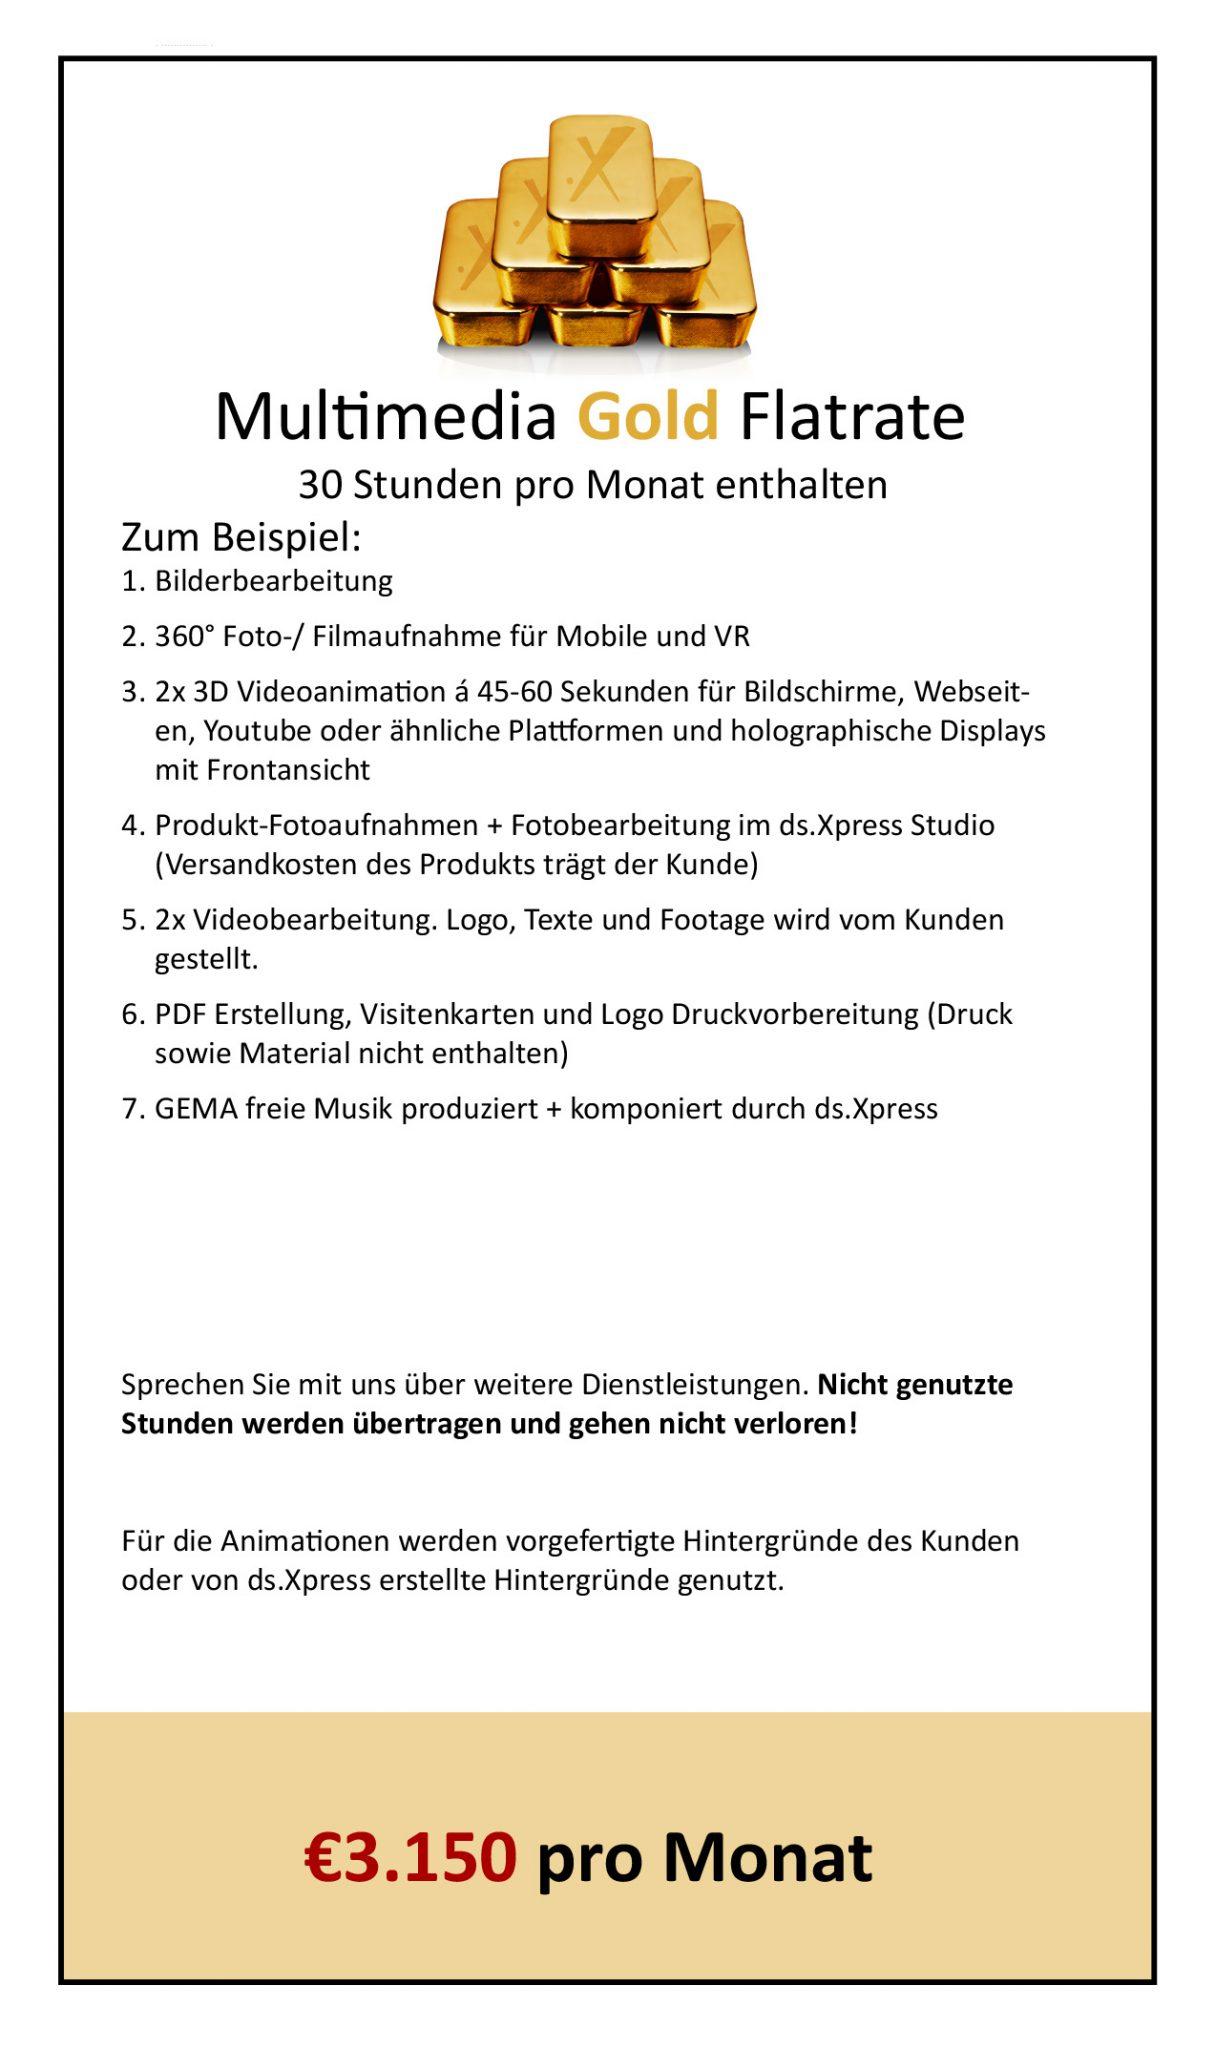 Multimedia Flatrate Gold03